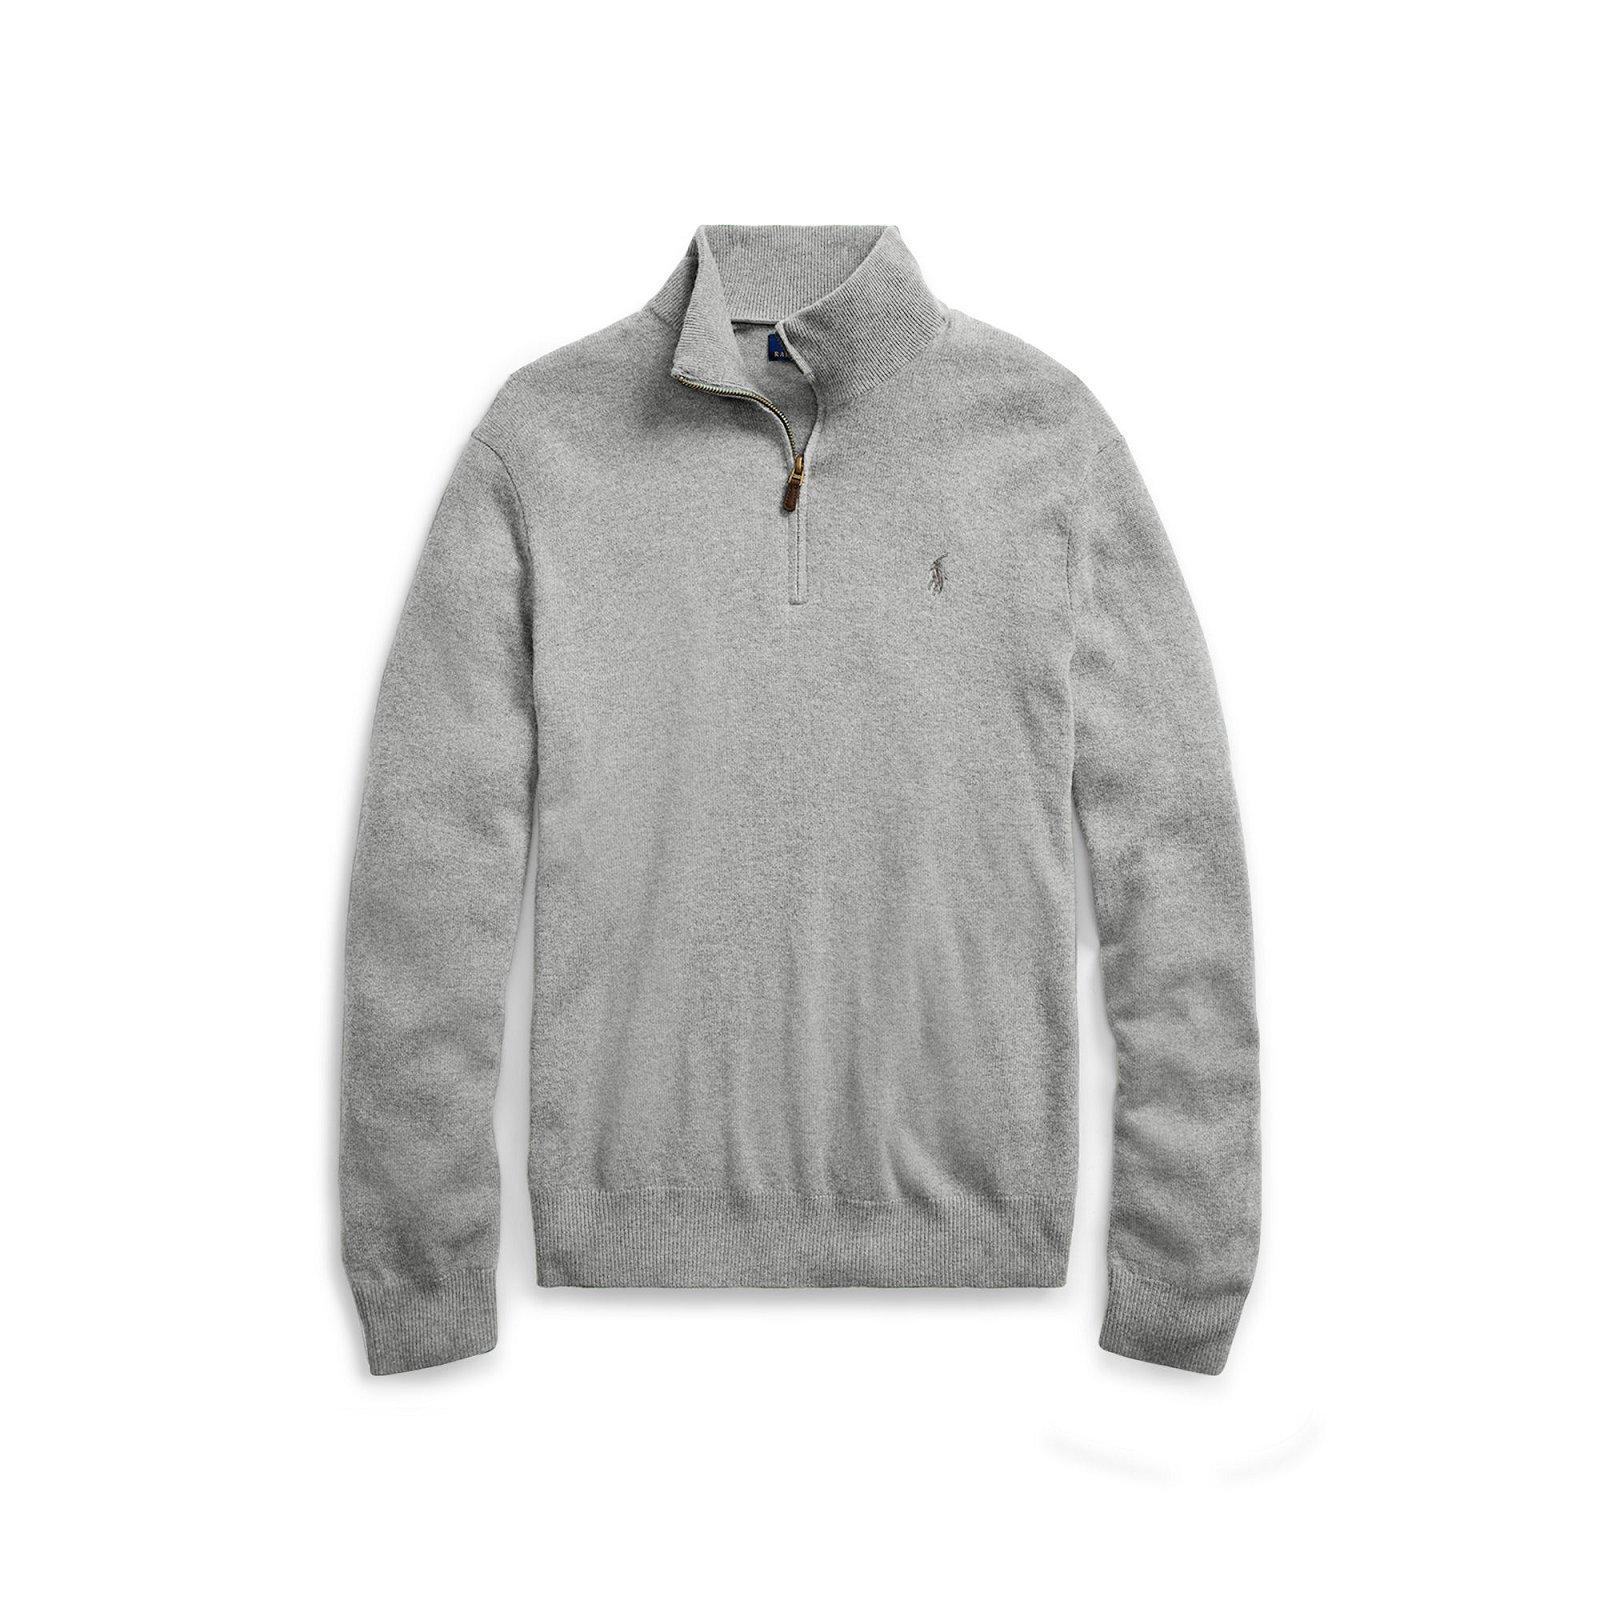 Pull demi-zippé en laine de mérinos. Pull pour homme demi-zippe avec  coudière de la marque Ralph Lauren   5a9729025bcb